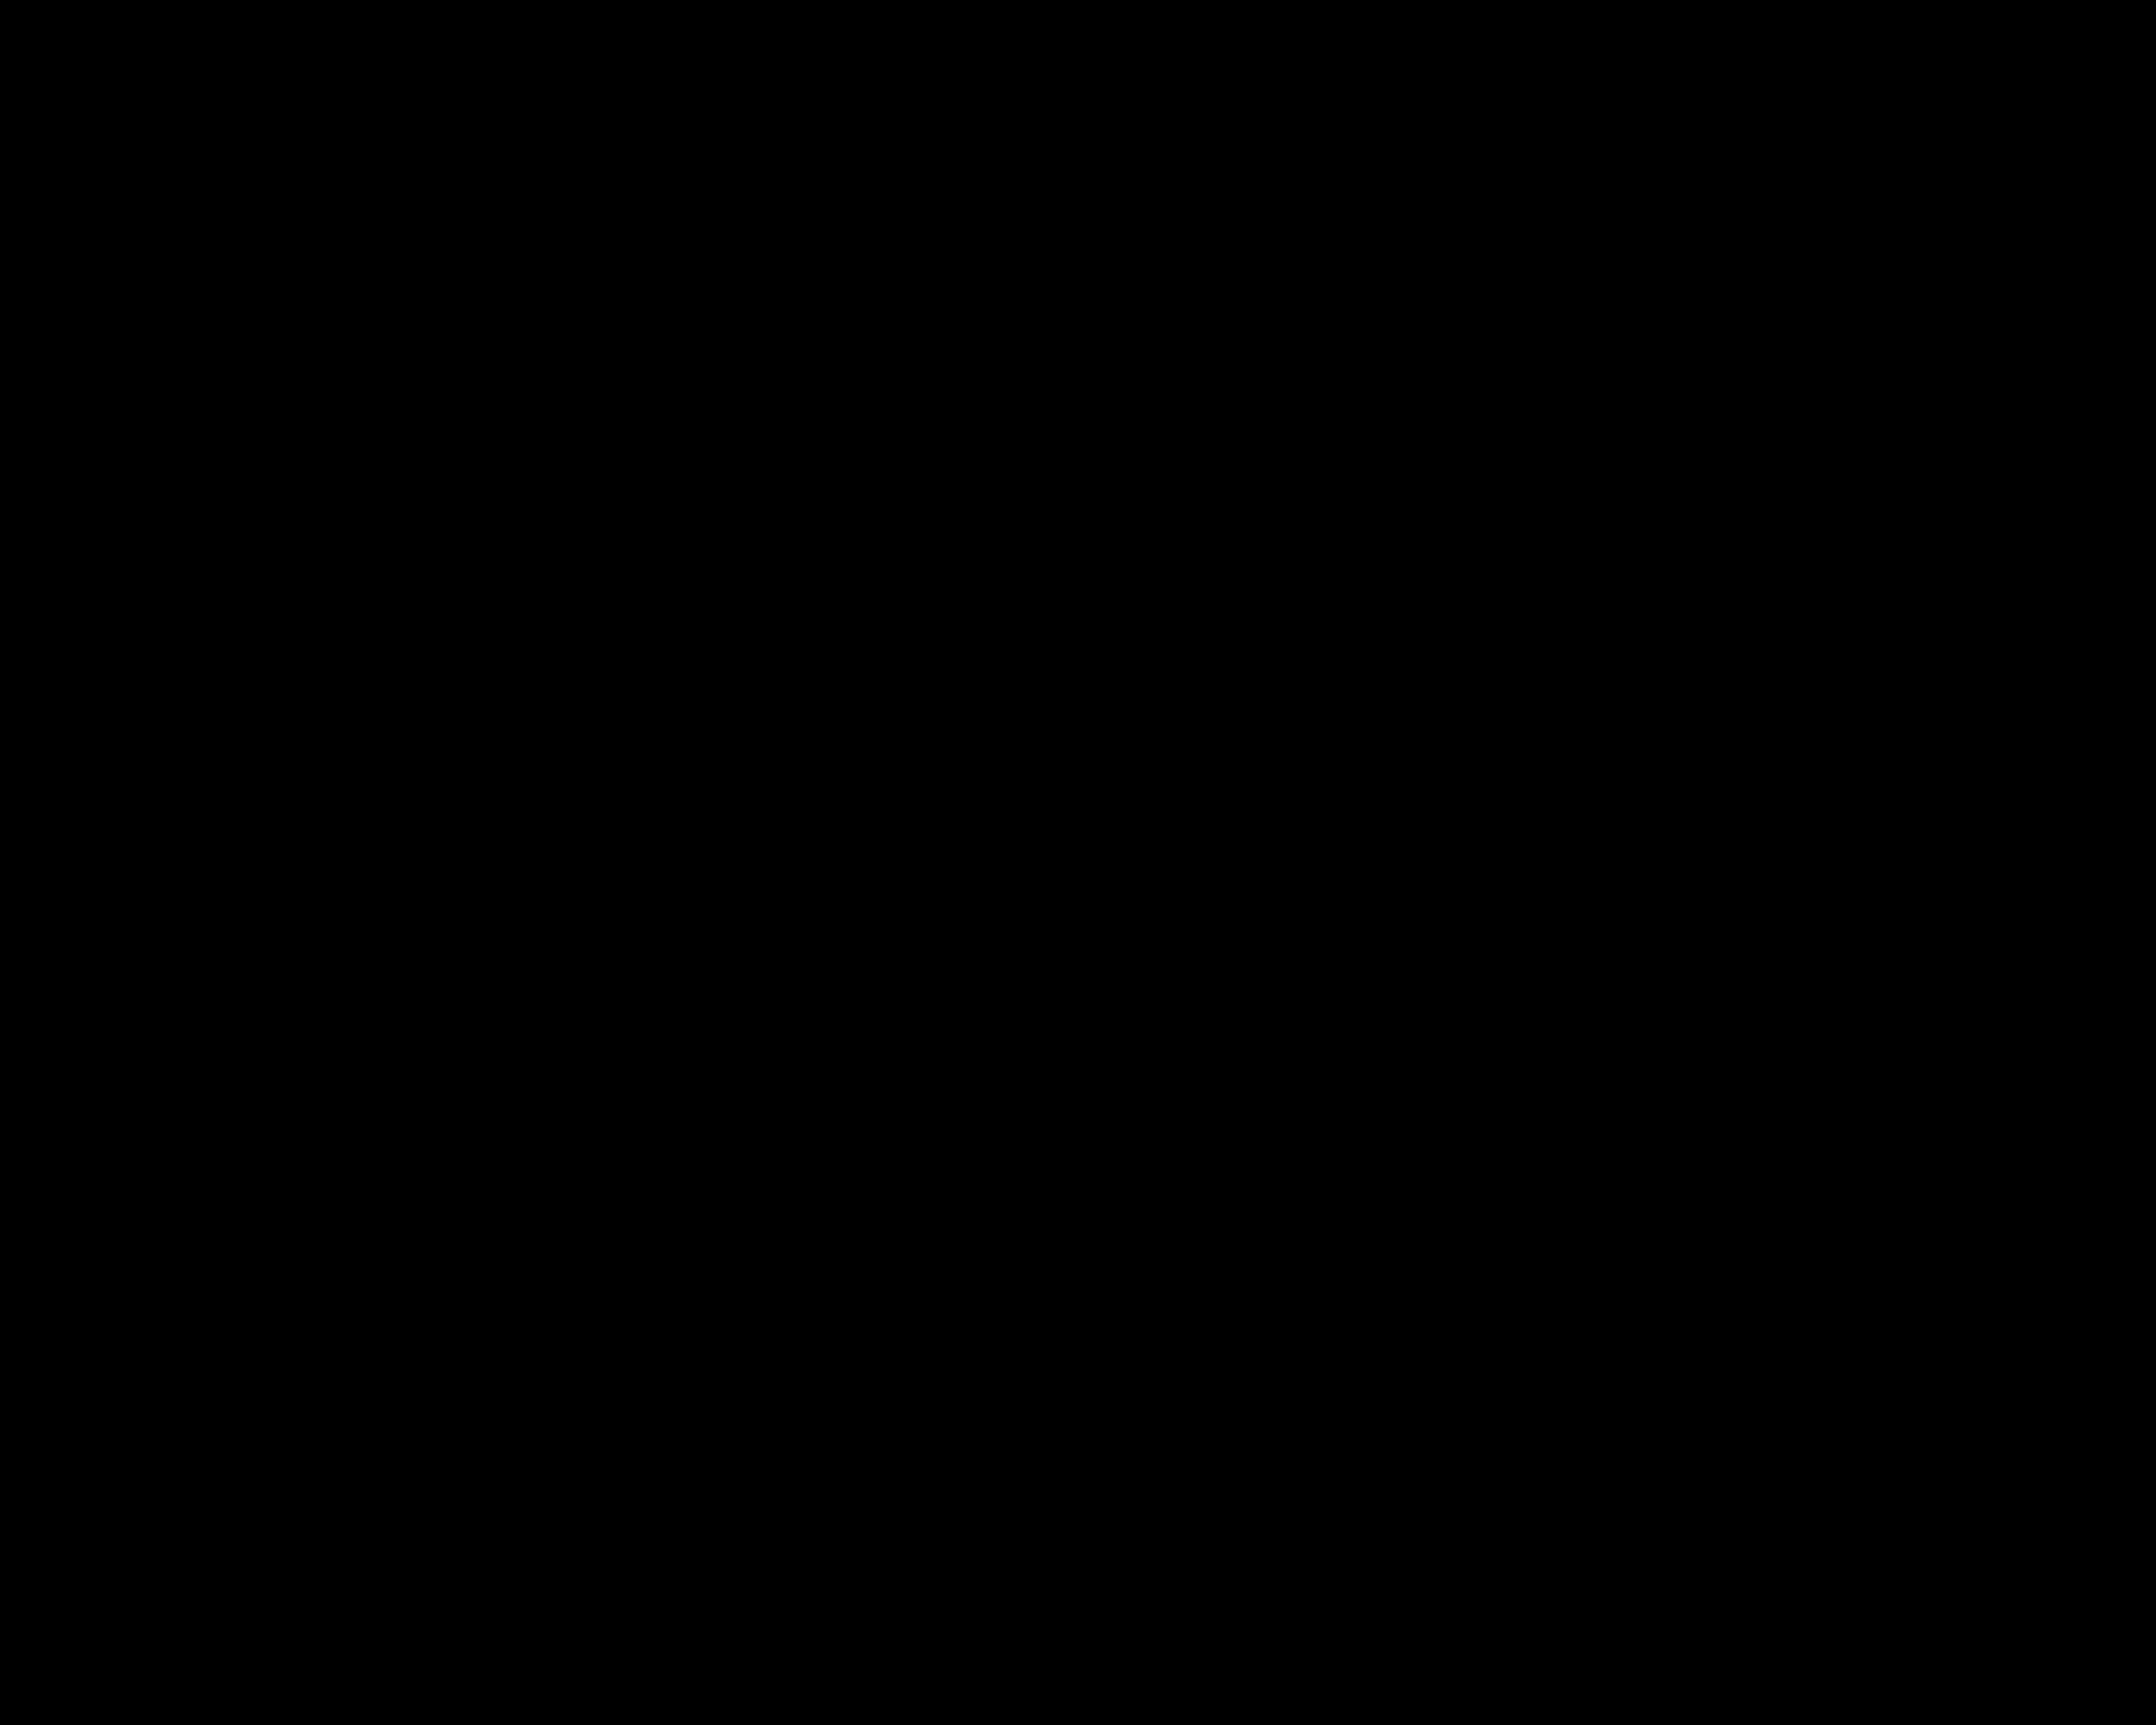 The Chickadee Three watermark